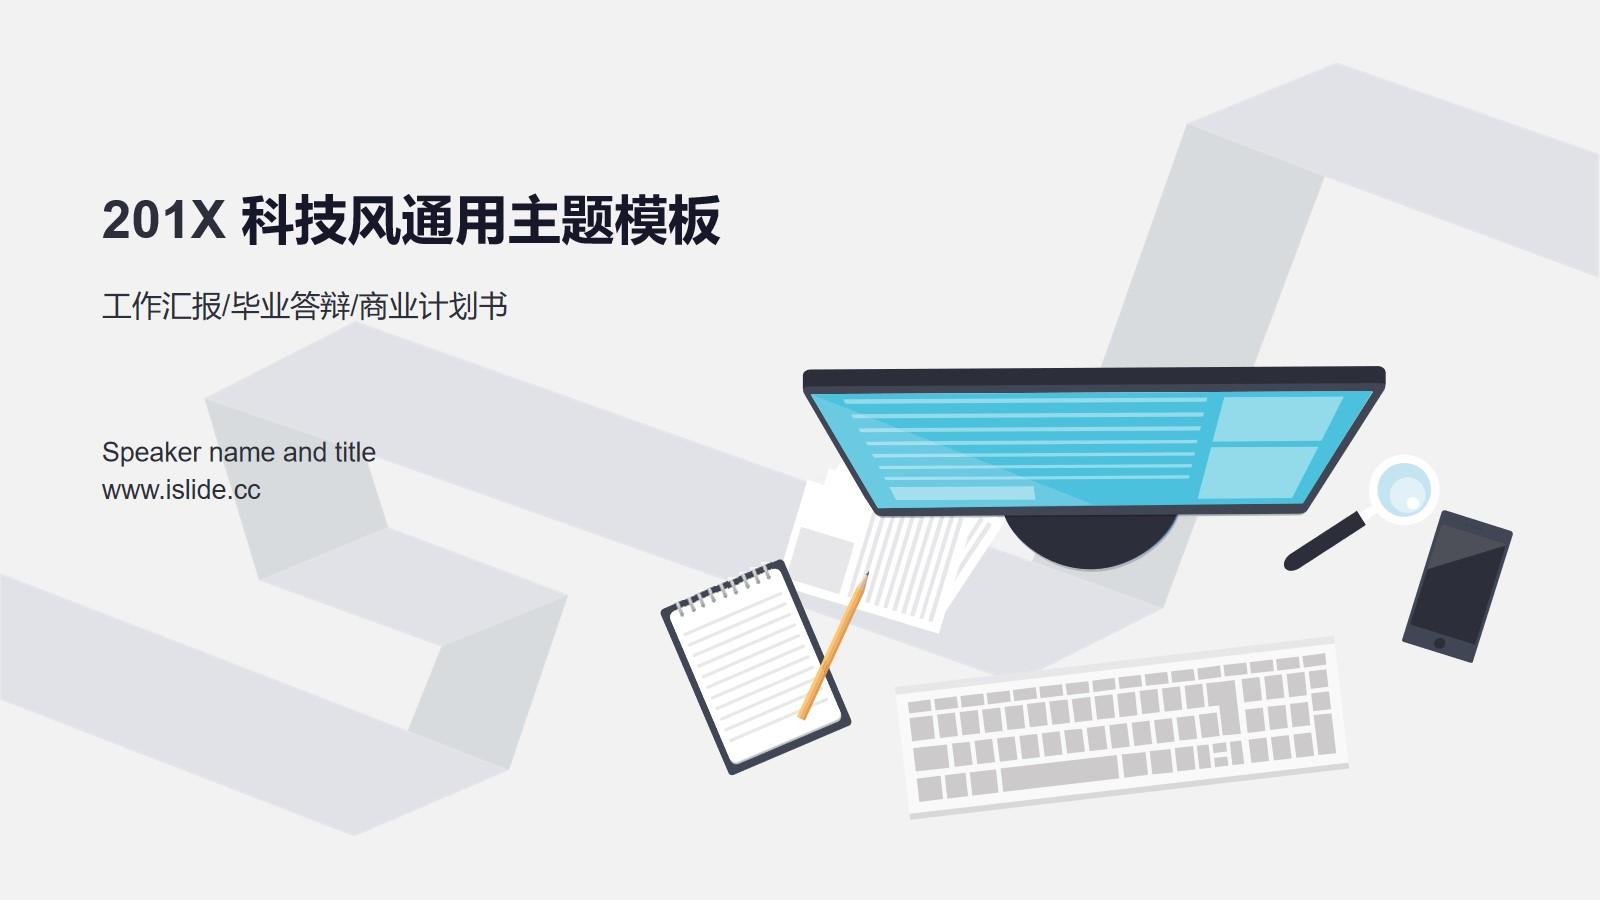 2020科技风立体视觉折纸条卡通商务淡雅小清新灰商务ppt模板